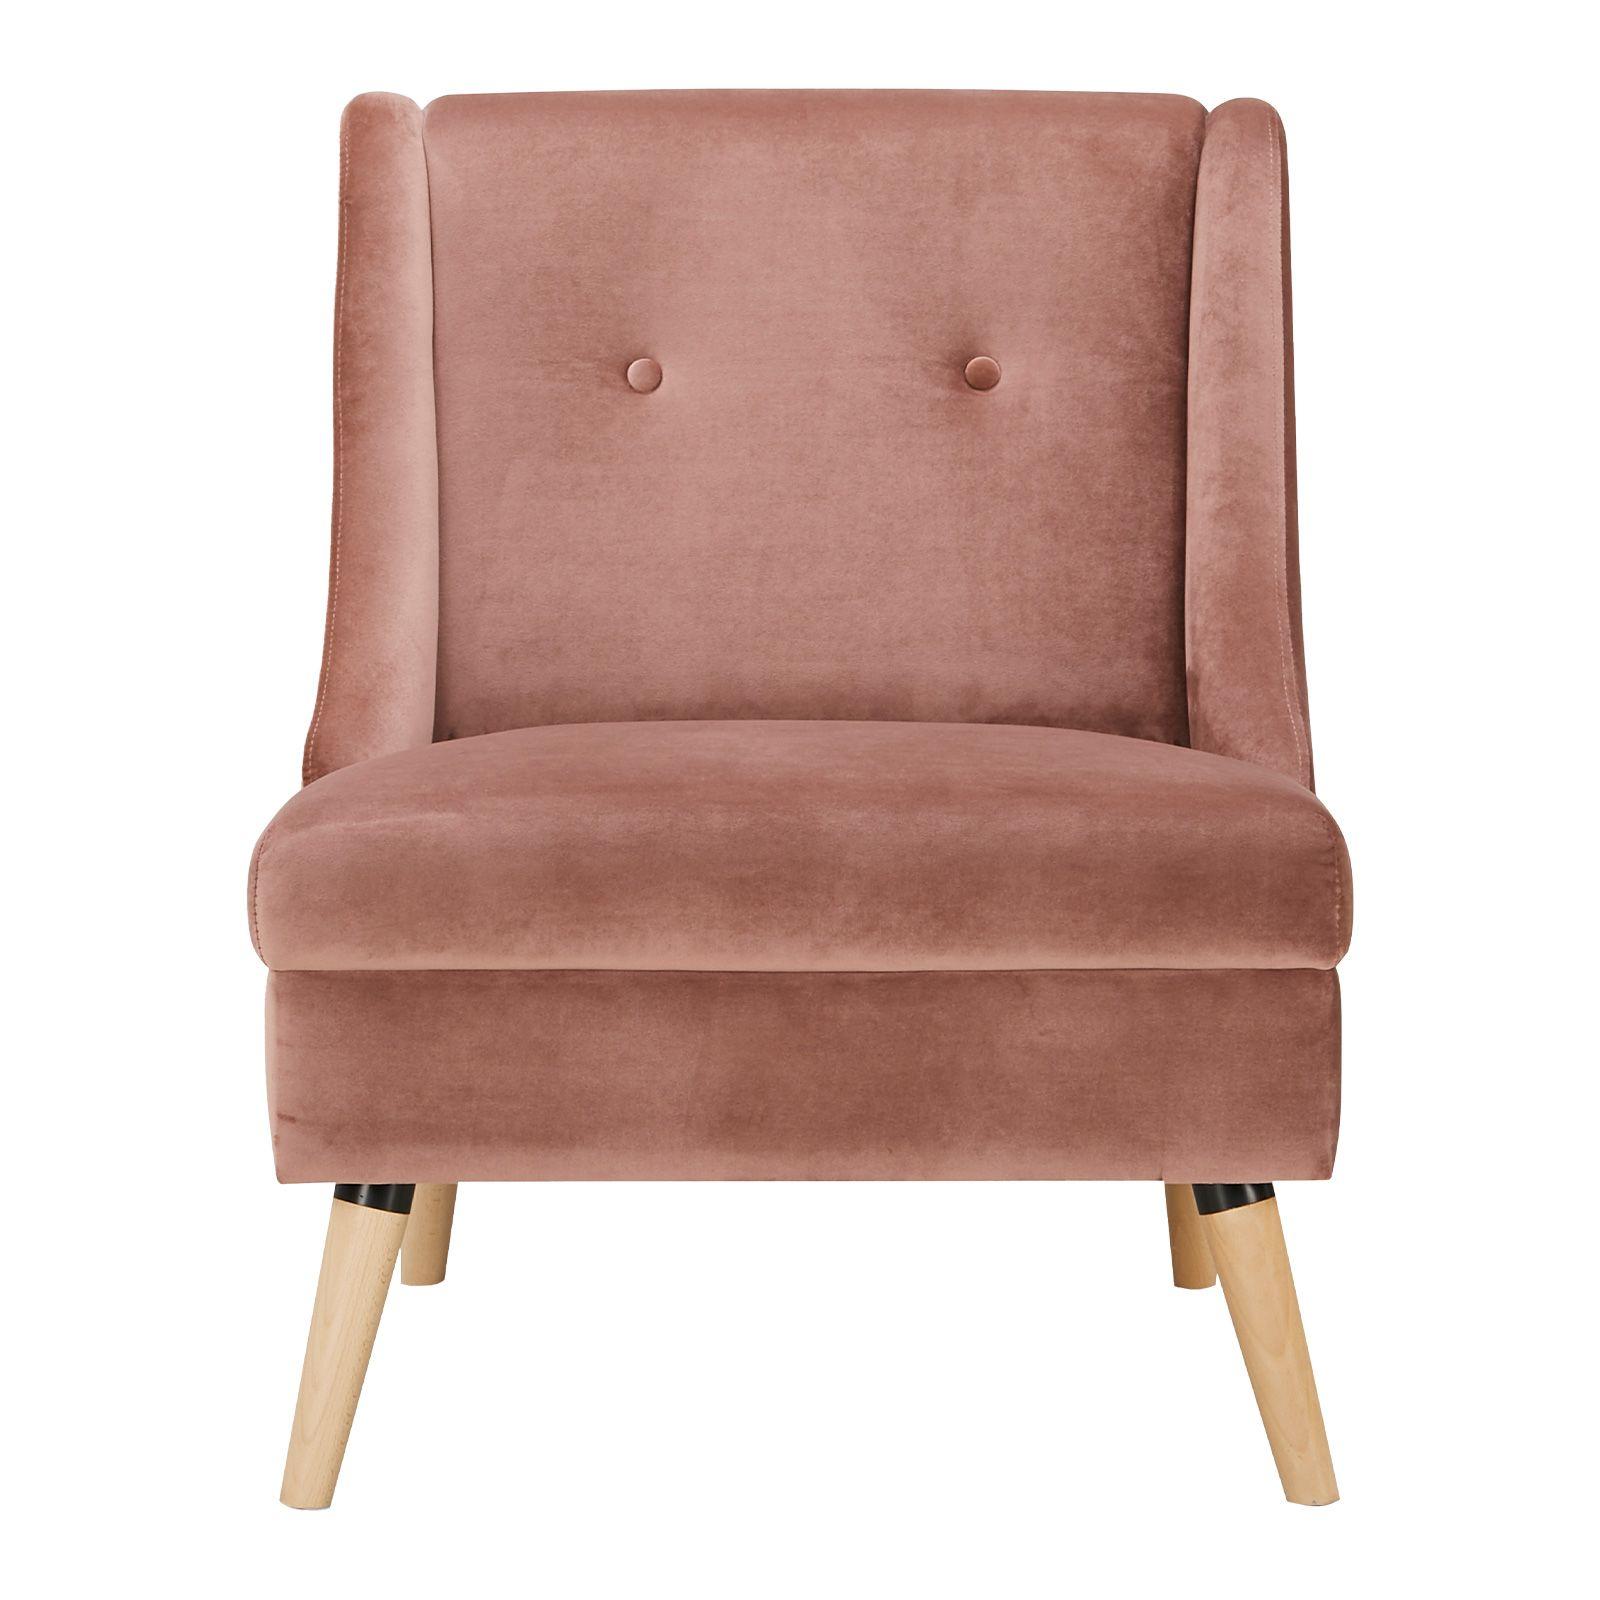 ROGAR | Sillón tapizado rosa (68 x 78 x 84 cm)